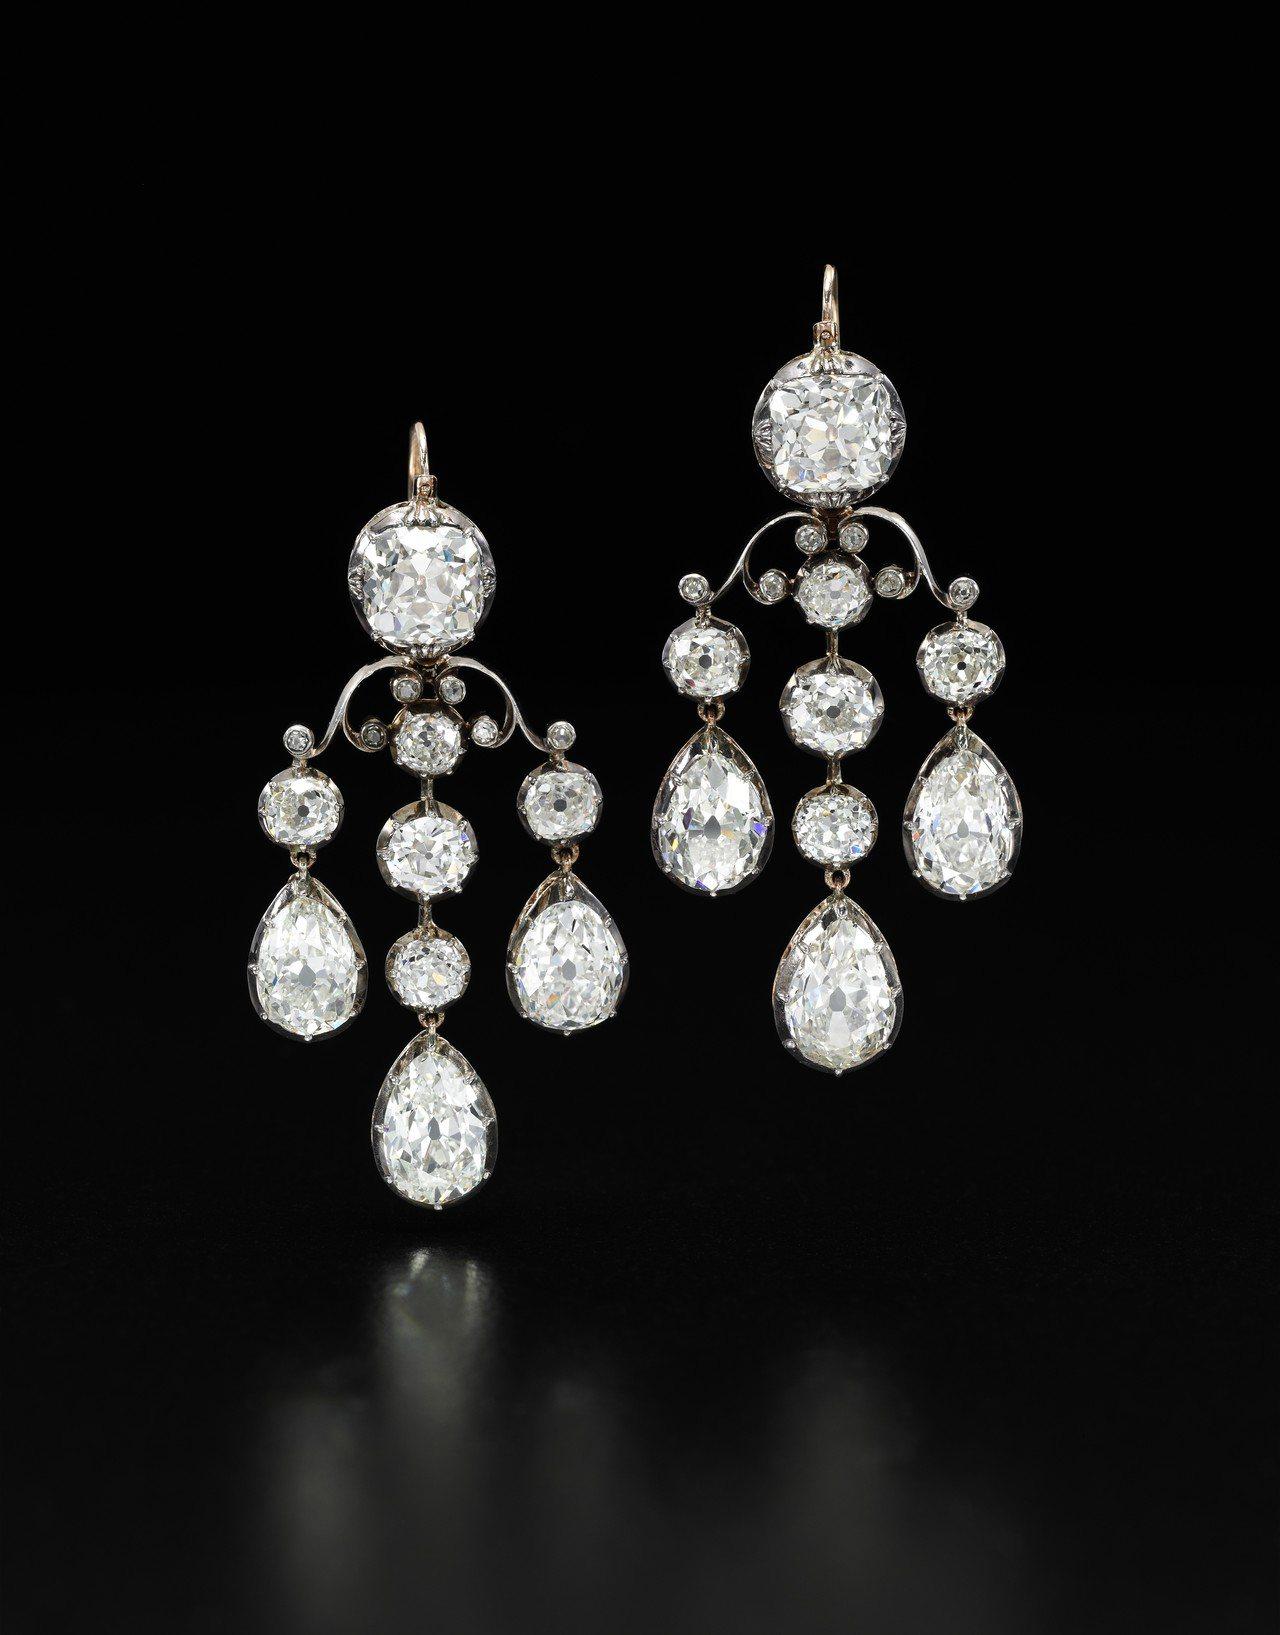 19世紀鑽石耳環,估價約457萬元起。圖/蘇富比提供